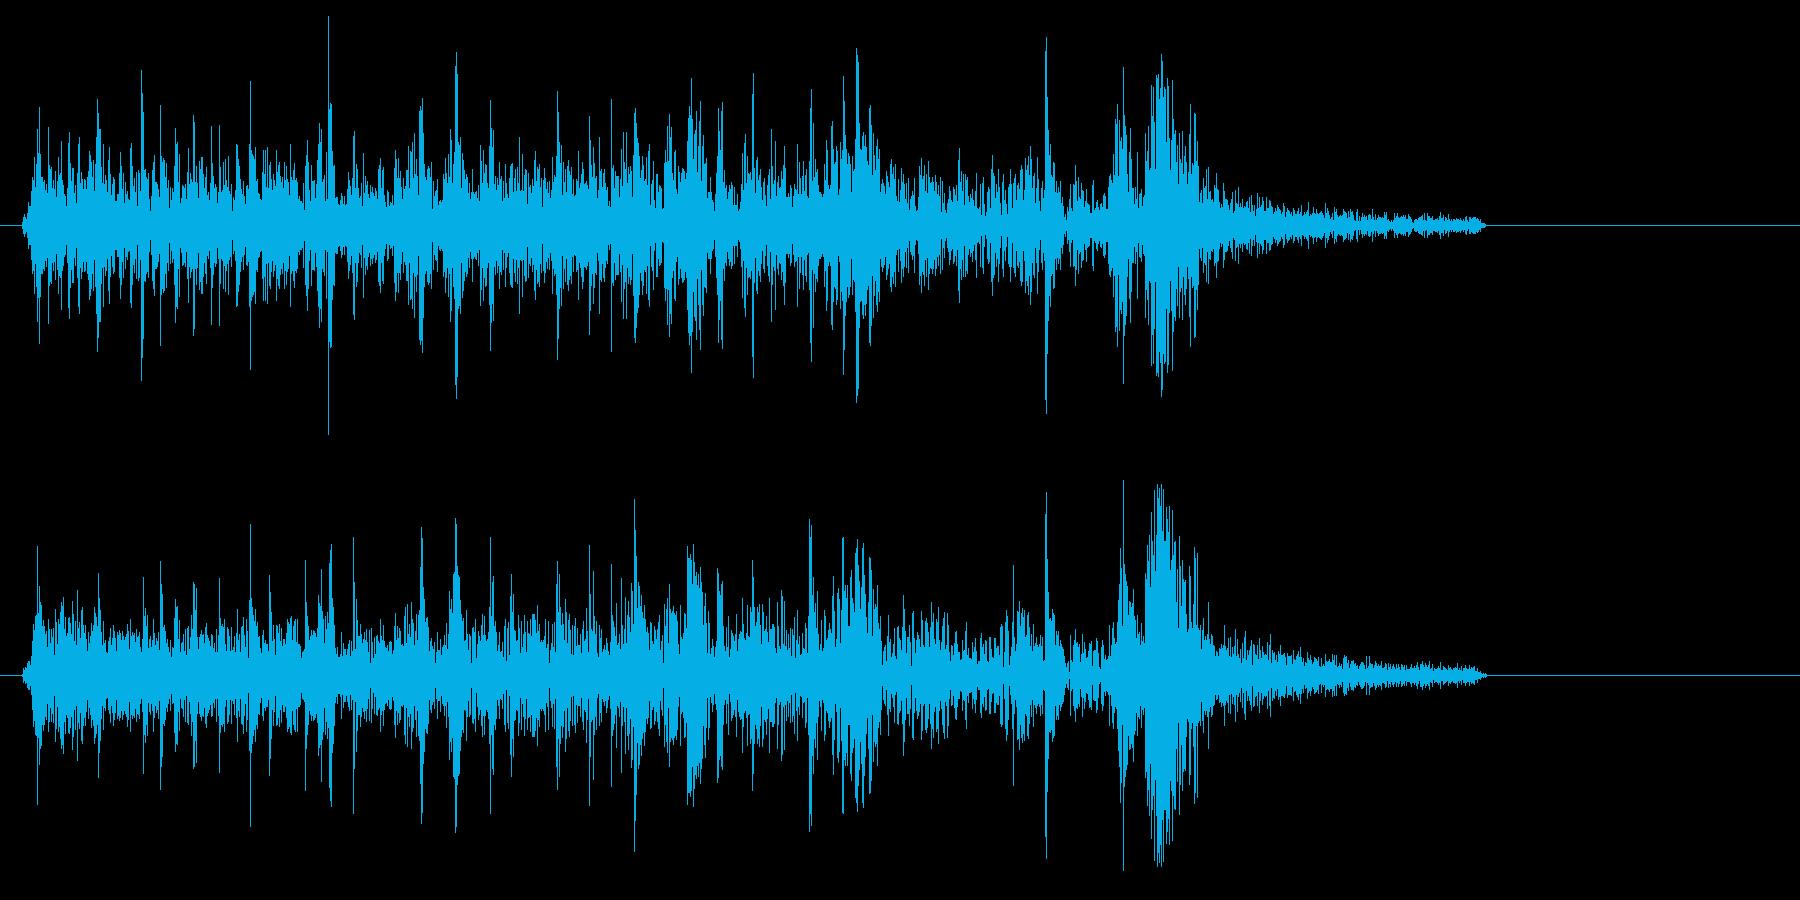 ブーンブツンというマシン停止音の再生済みの波形